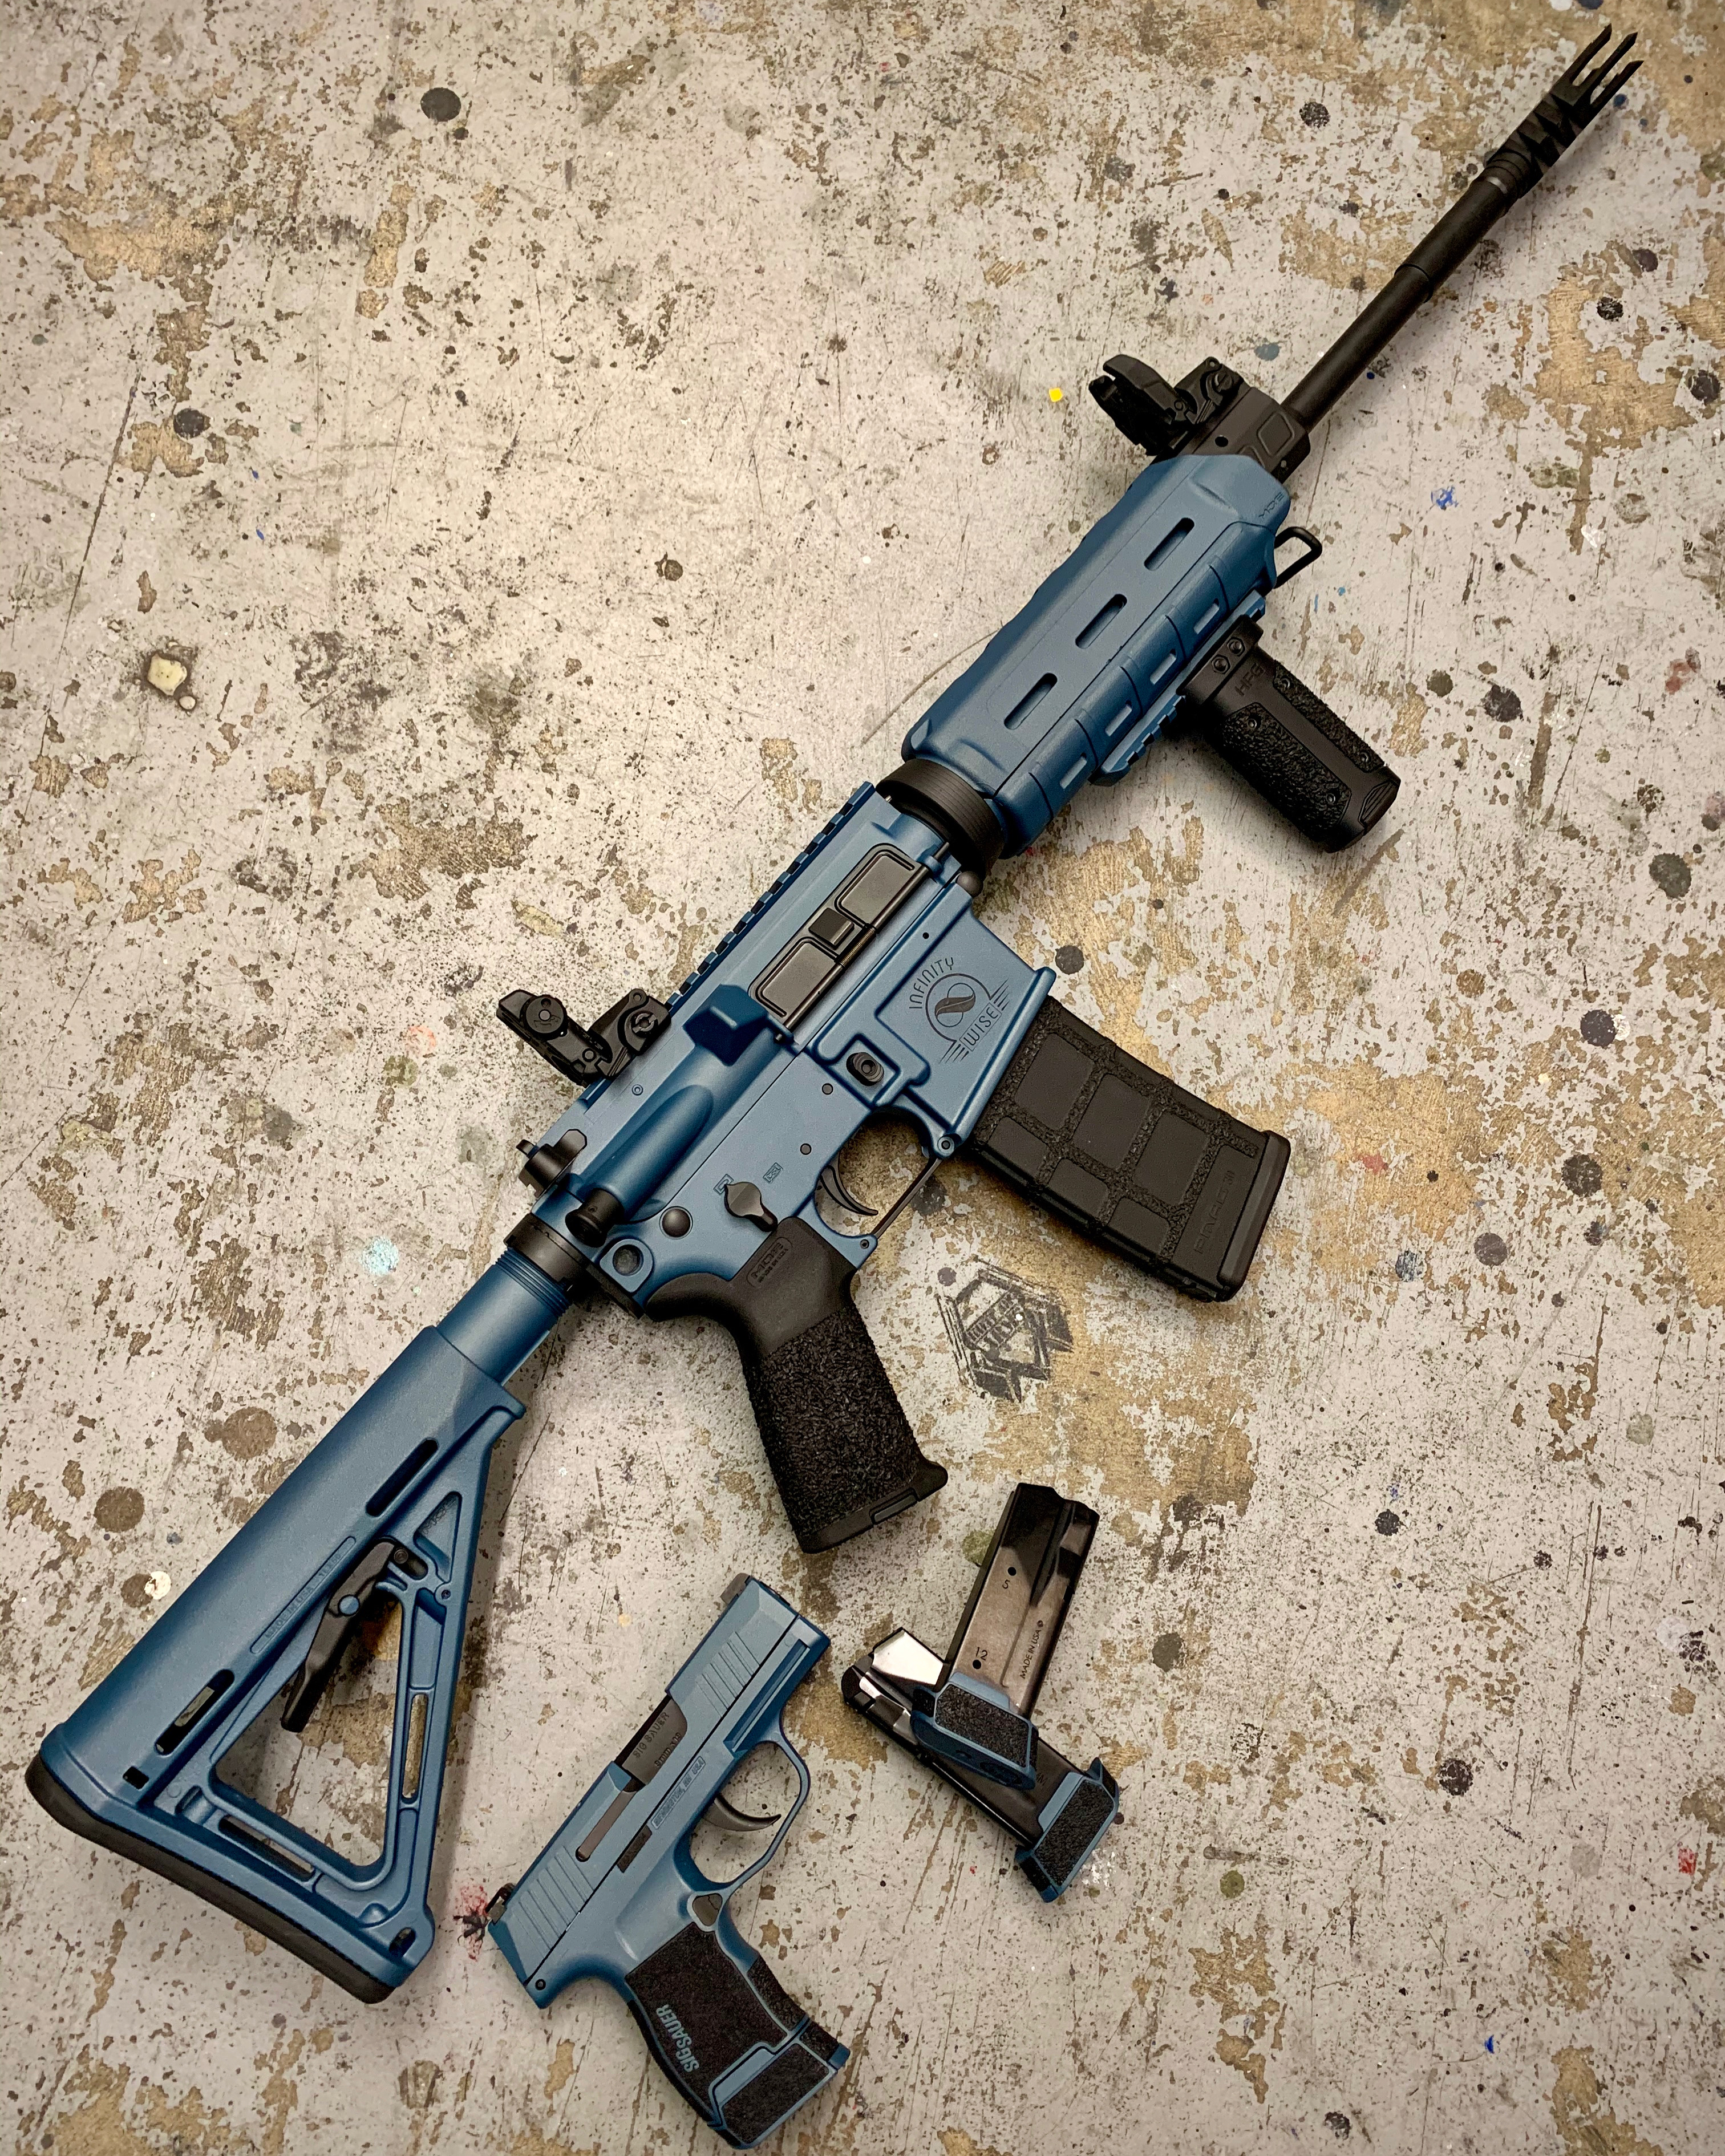 SigSauer Rifle & Pistol Blue